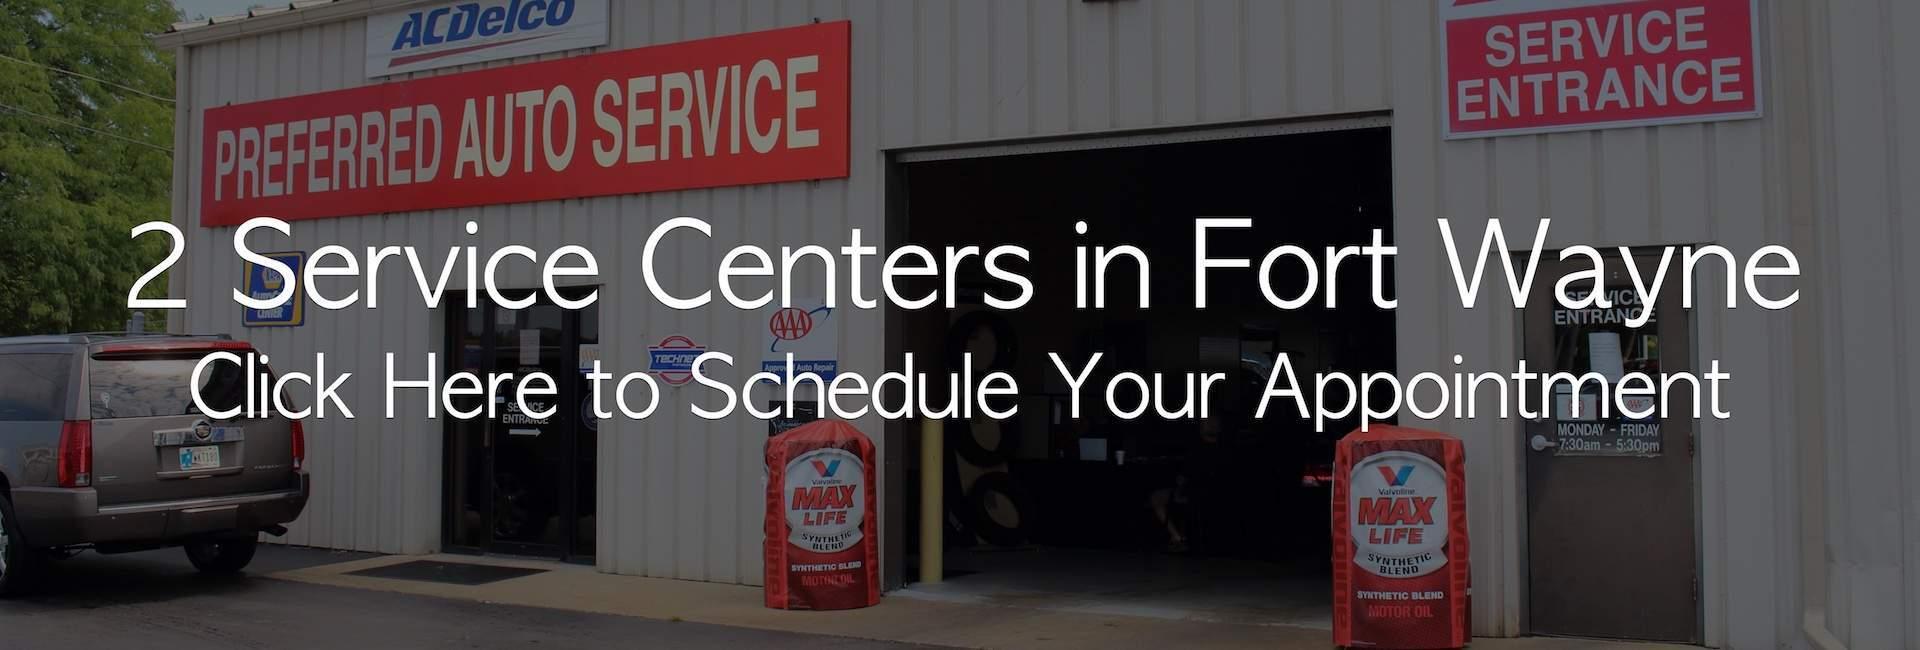 Fort Wayne Infiniti >> Used Car Dealerships in Fort Wayne, Auburn, and Kendallville